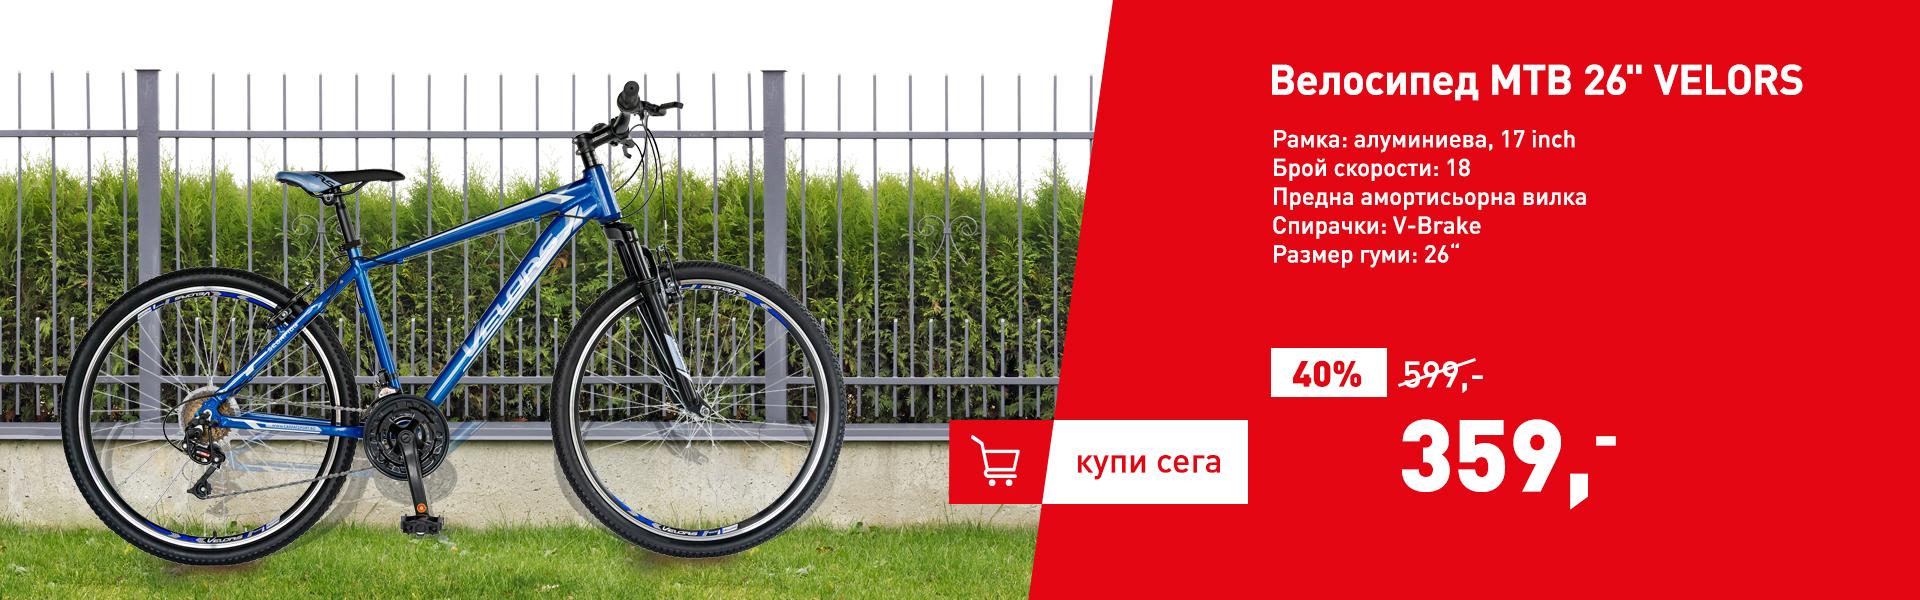 """Велосипед MTB 26"""" VELORS"""